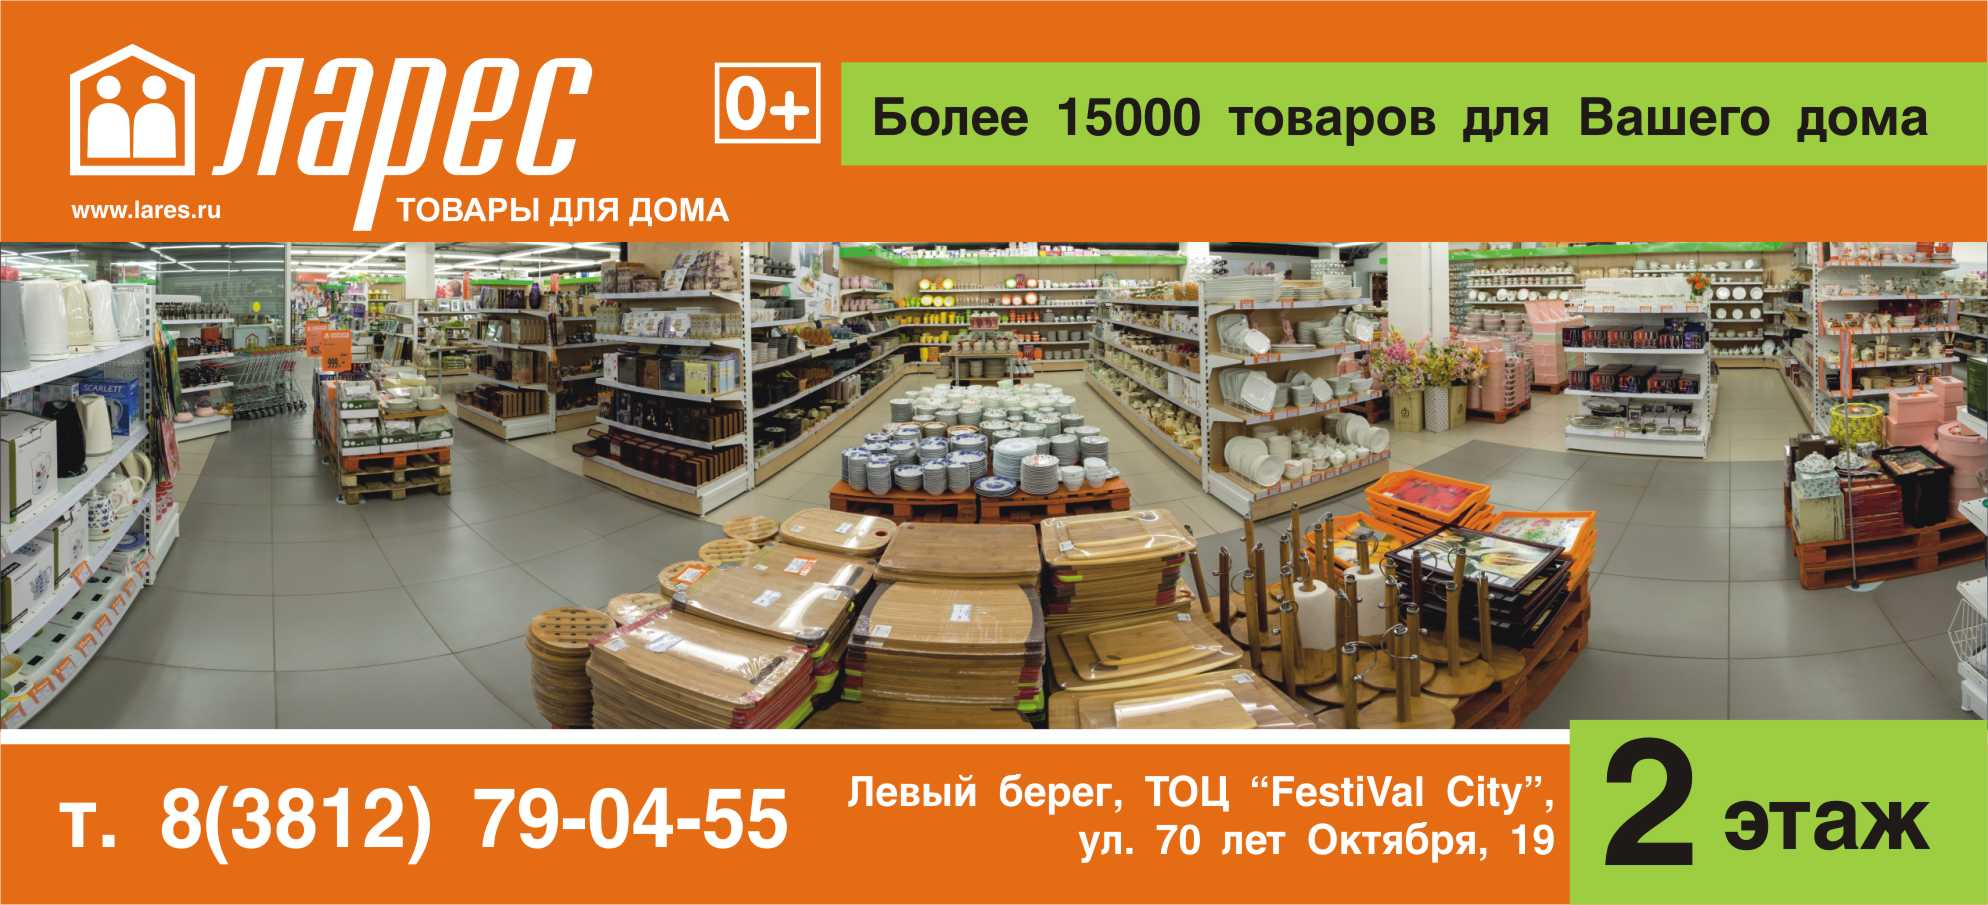 флаер_ПодарочнаяКАРТА_11-15_с1-4